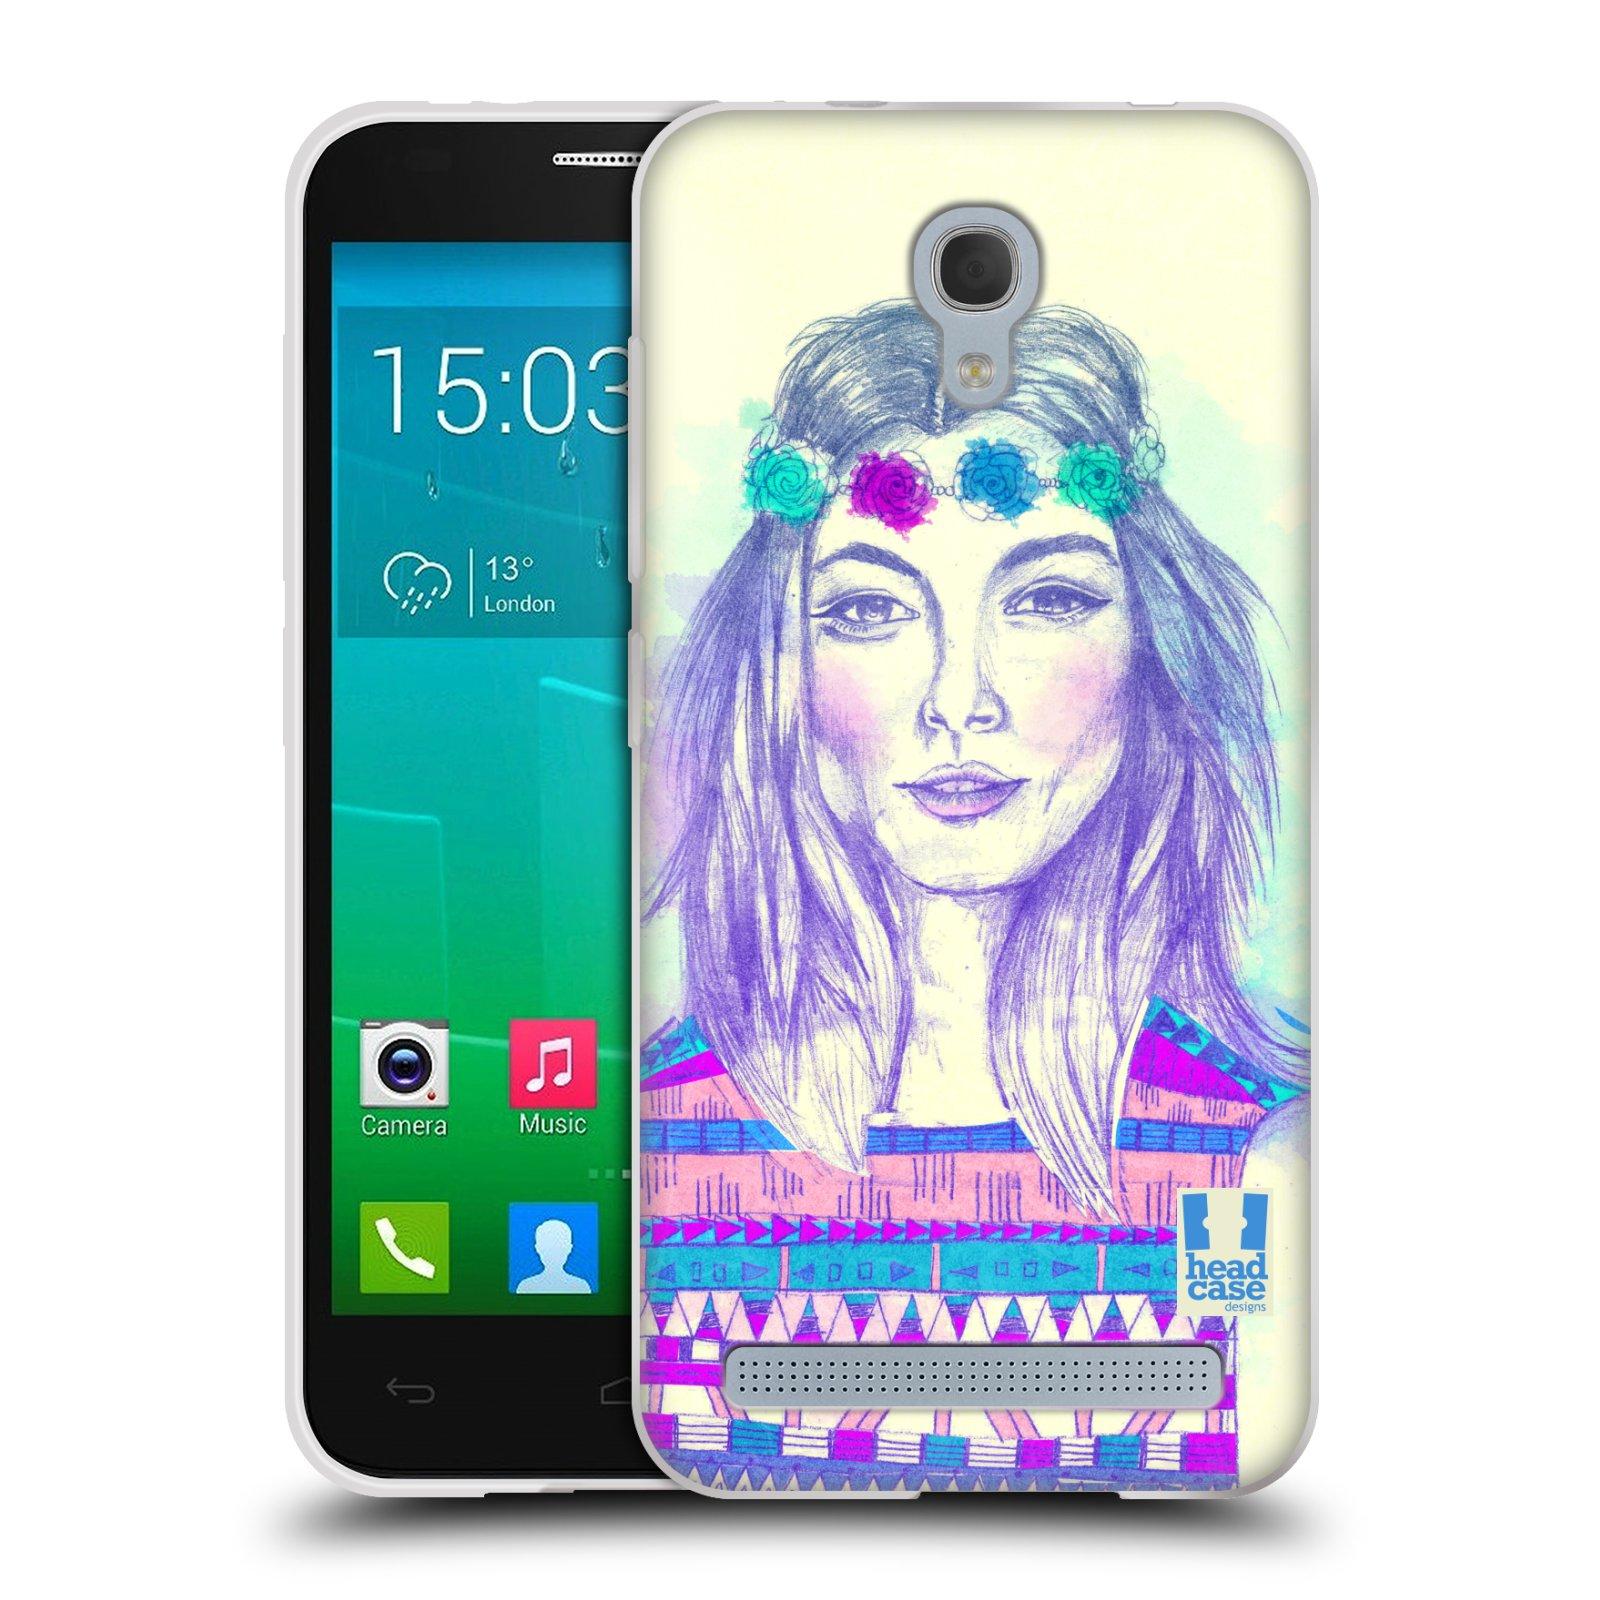 HEAD CASE silikonový obal na mobil Alcatel Idol 2 MINI S 6036Y vzor Dívka dlouhé květinové vlasy HIPPIE modrá